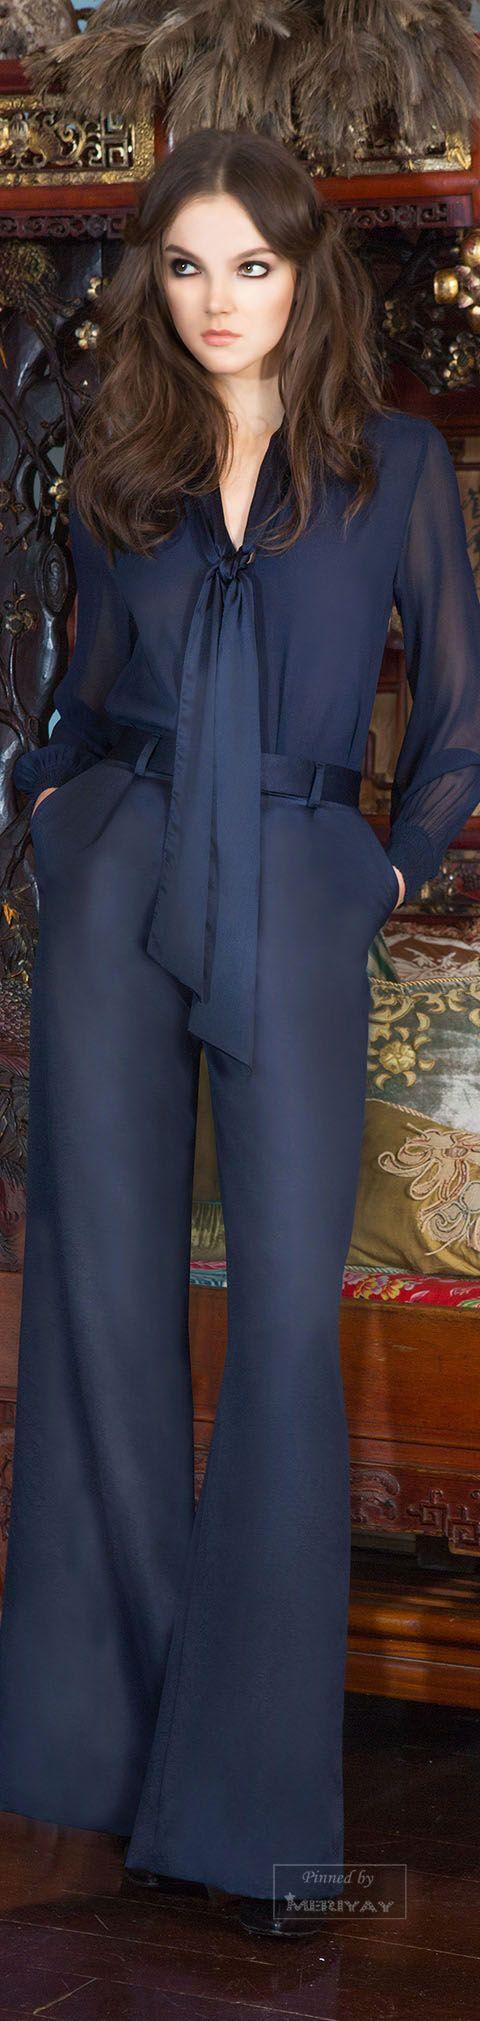 Conjunto de seda azul marino